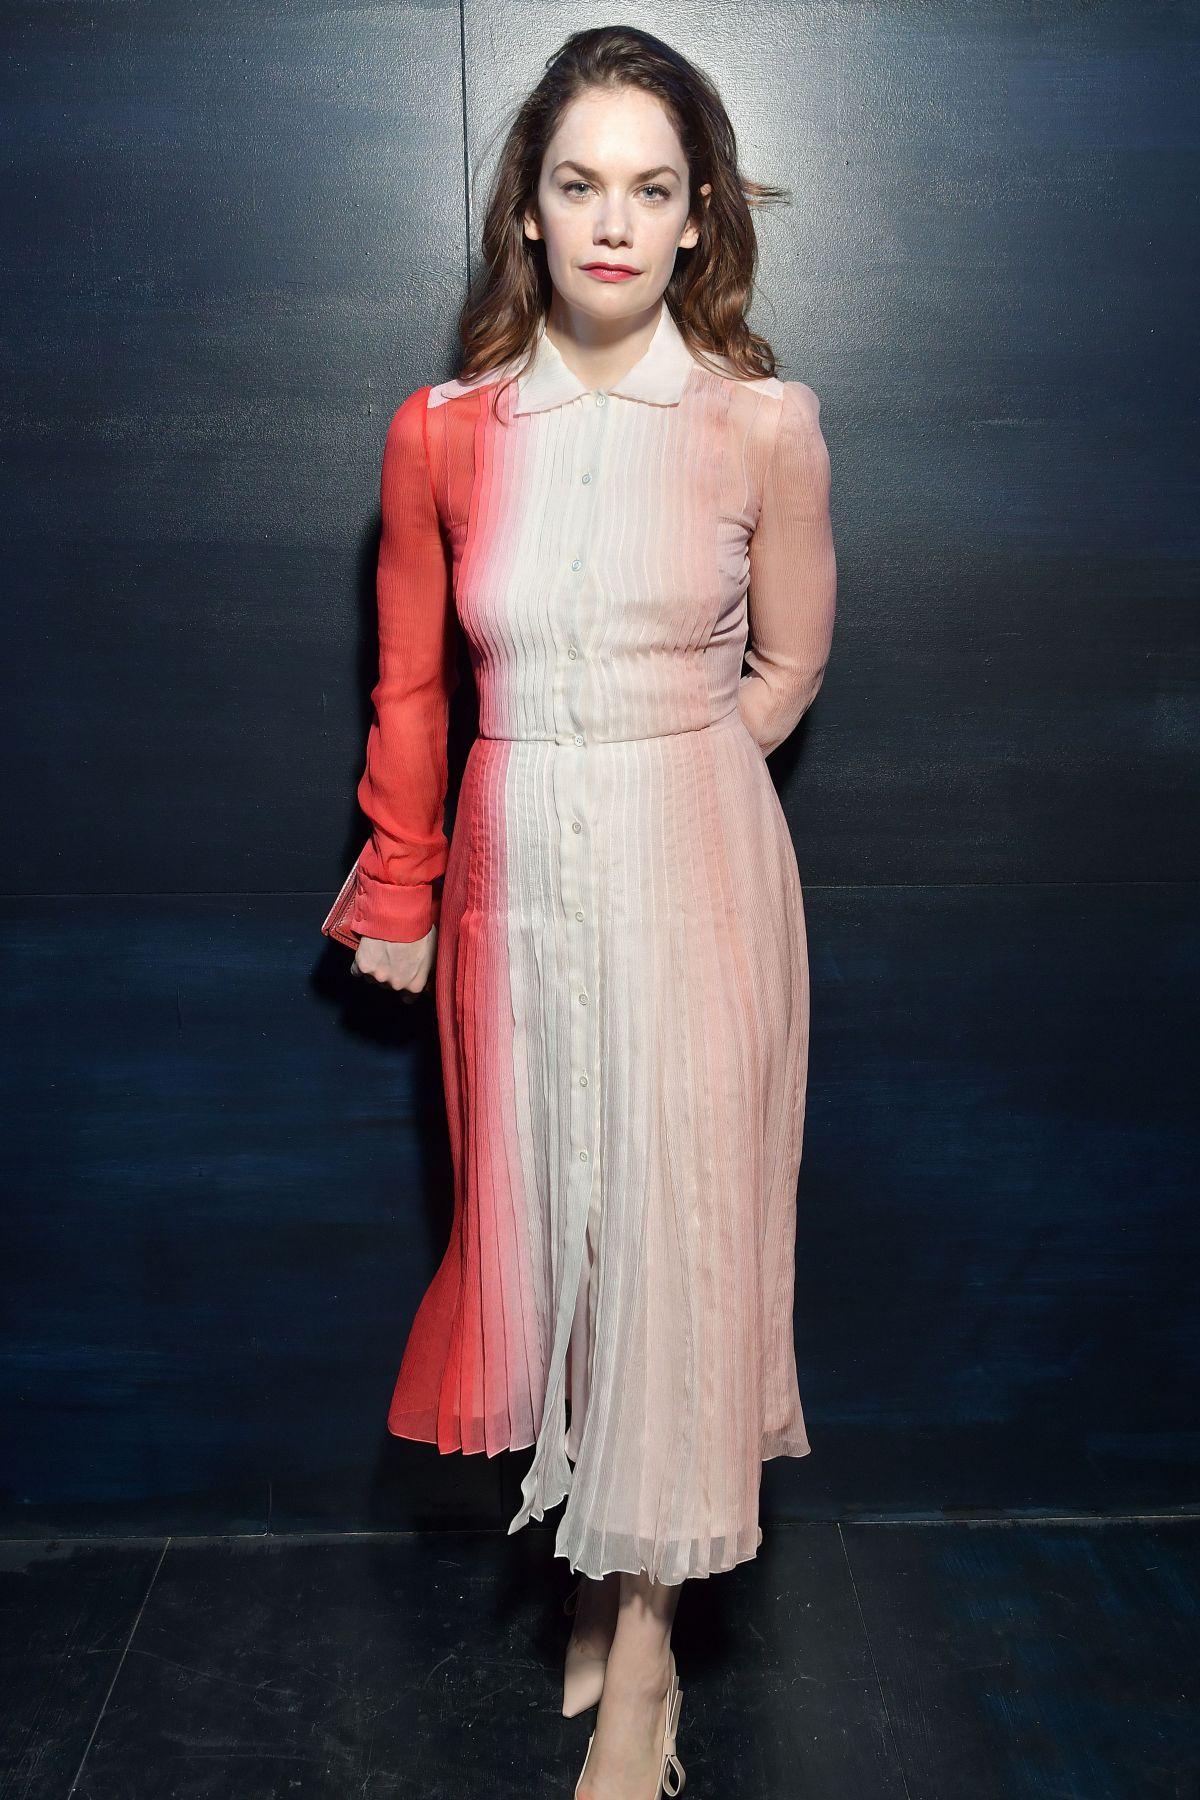 RUTH WILSON at Christian Dior Fashion Show in Paris 03/03/2017